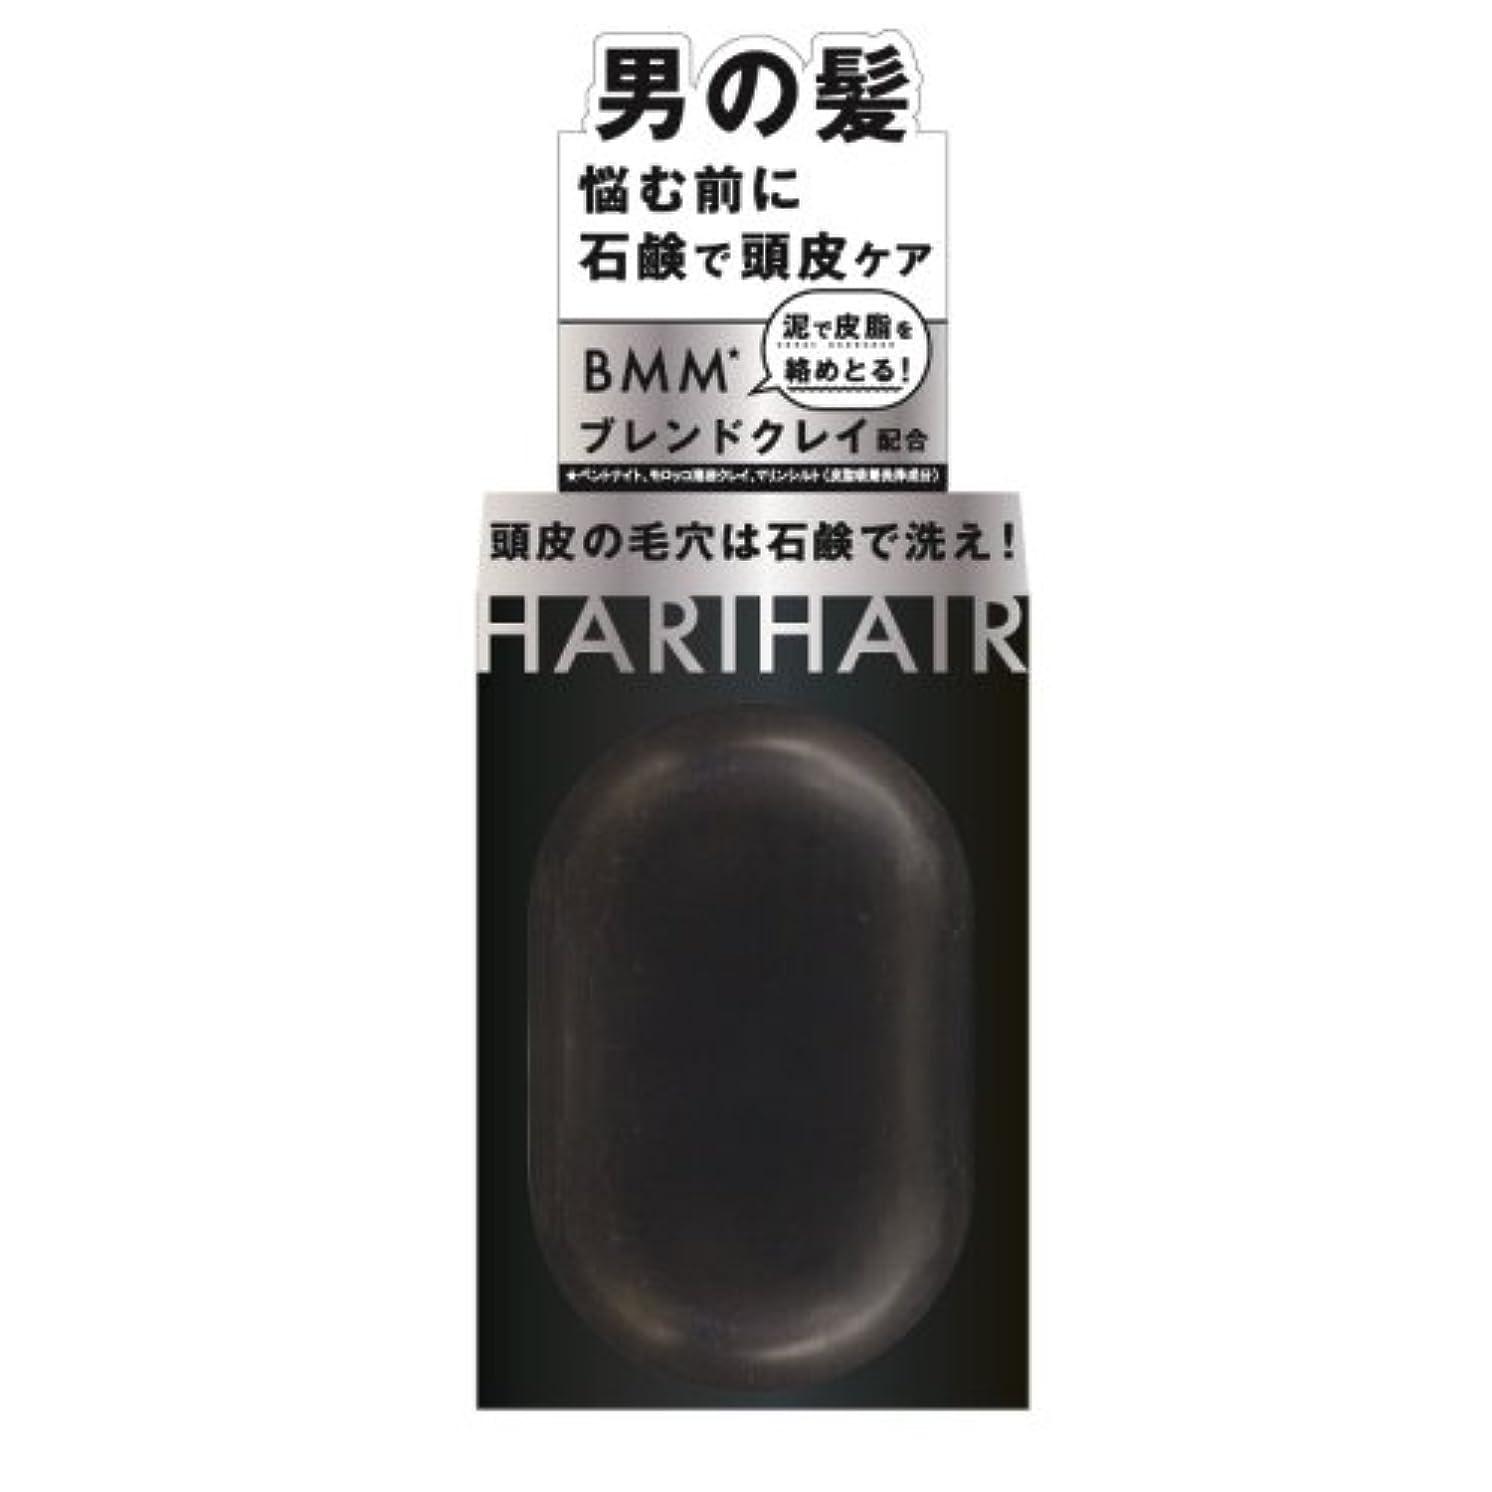 ためらうルーム不純ペリカン石鹸 ハリヘア 固形シャンプー 100g